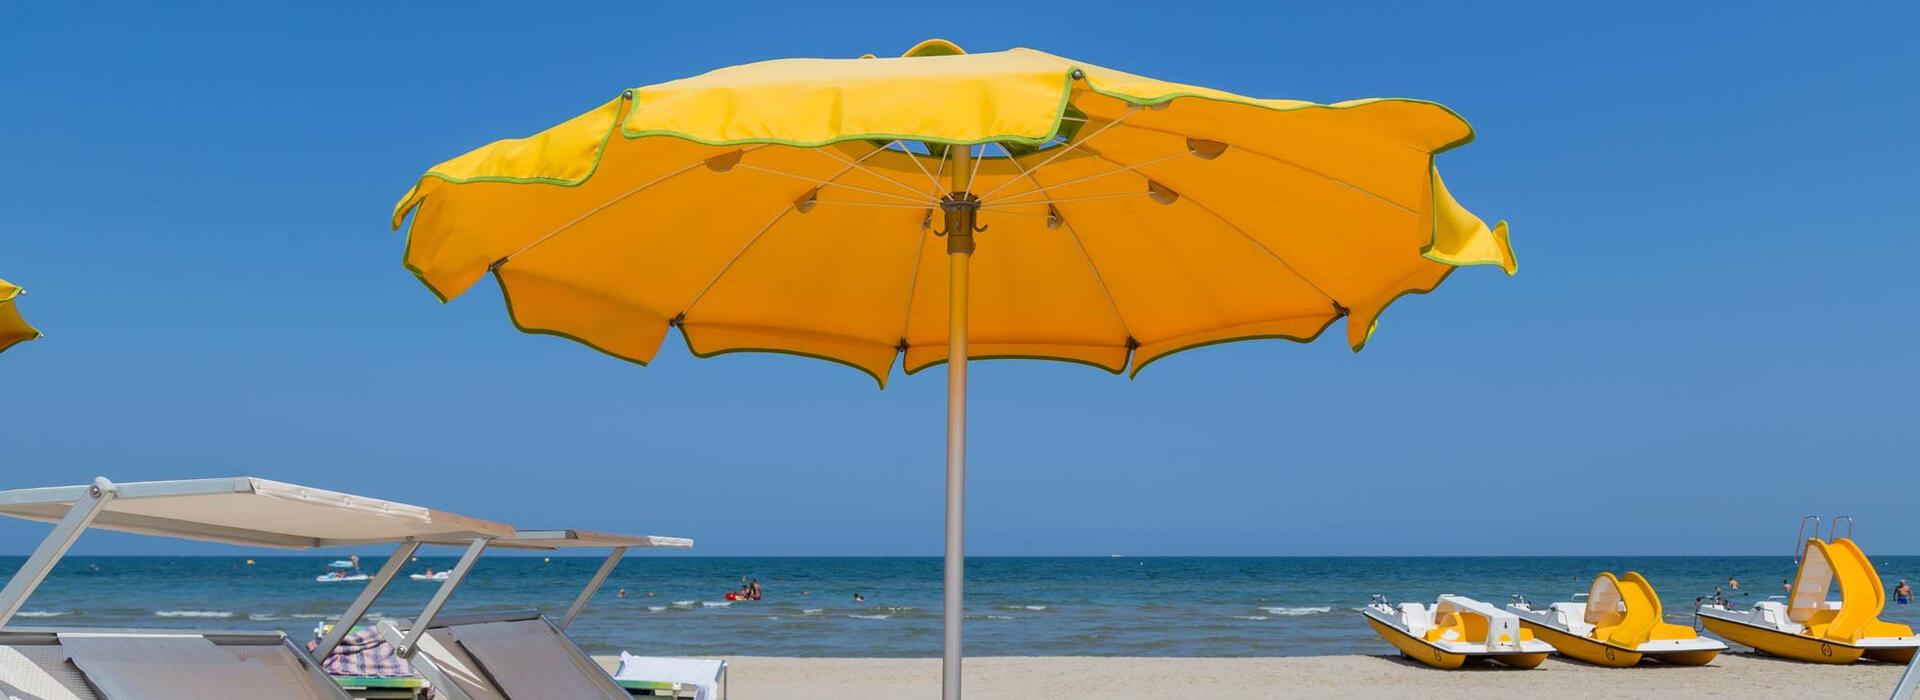 Amare Beach